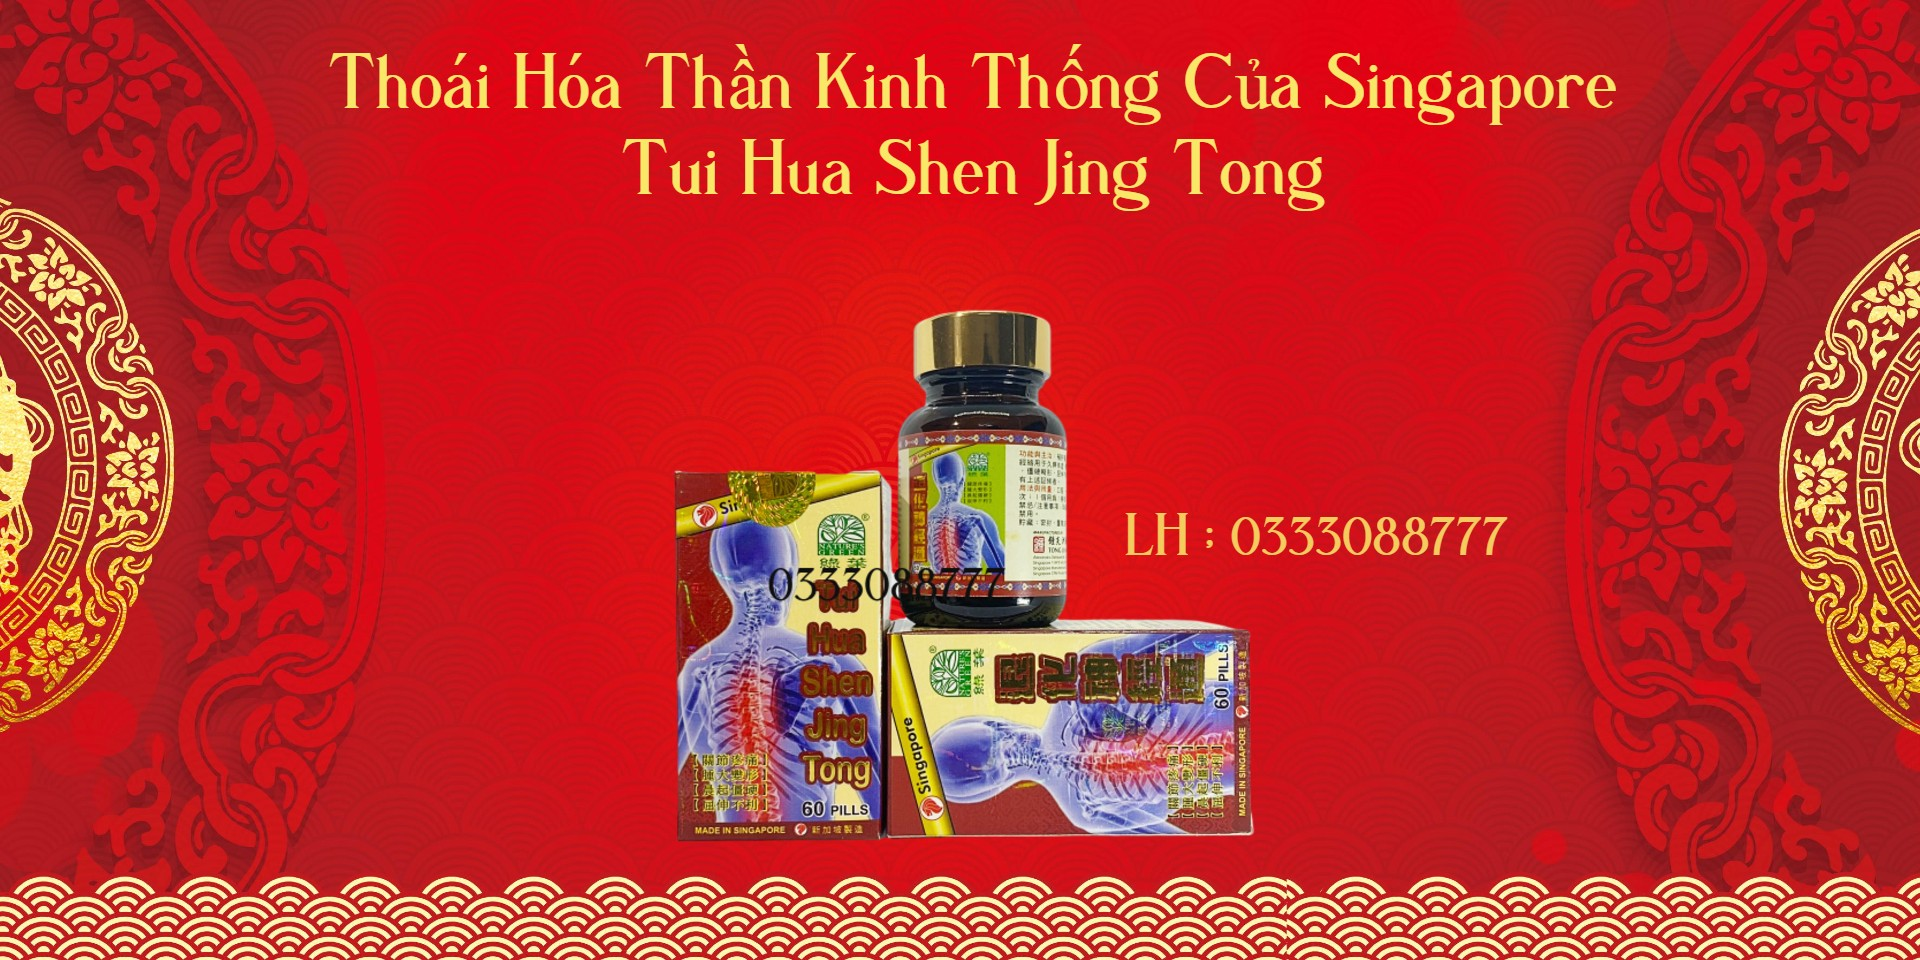 Tui Hua Shen Jing Tong -Thuốc Thoái Hóa Thần Kinh Thống